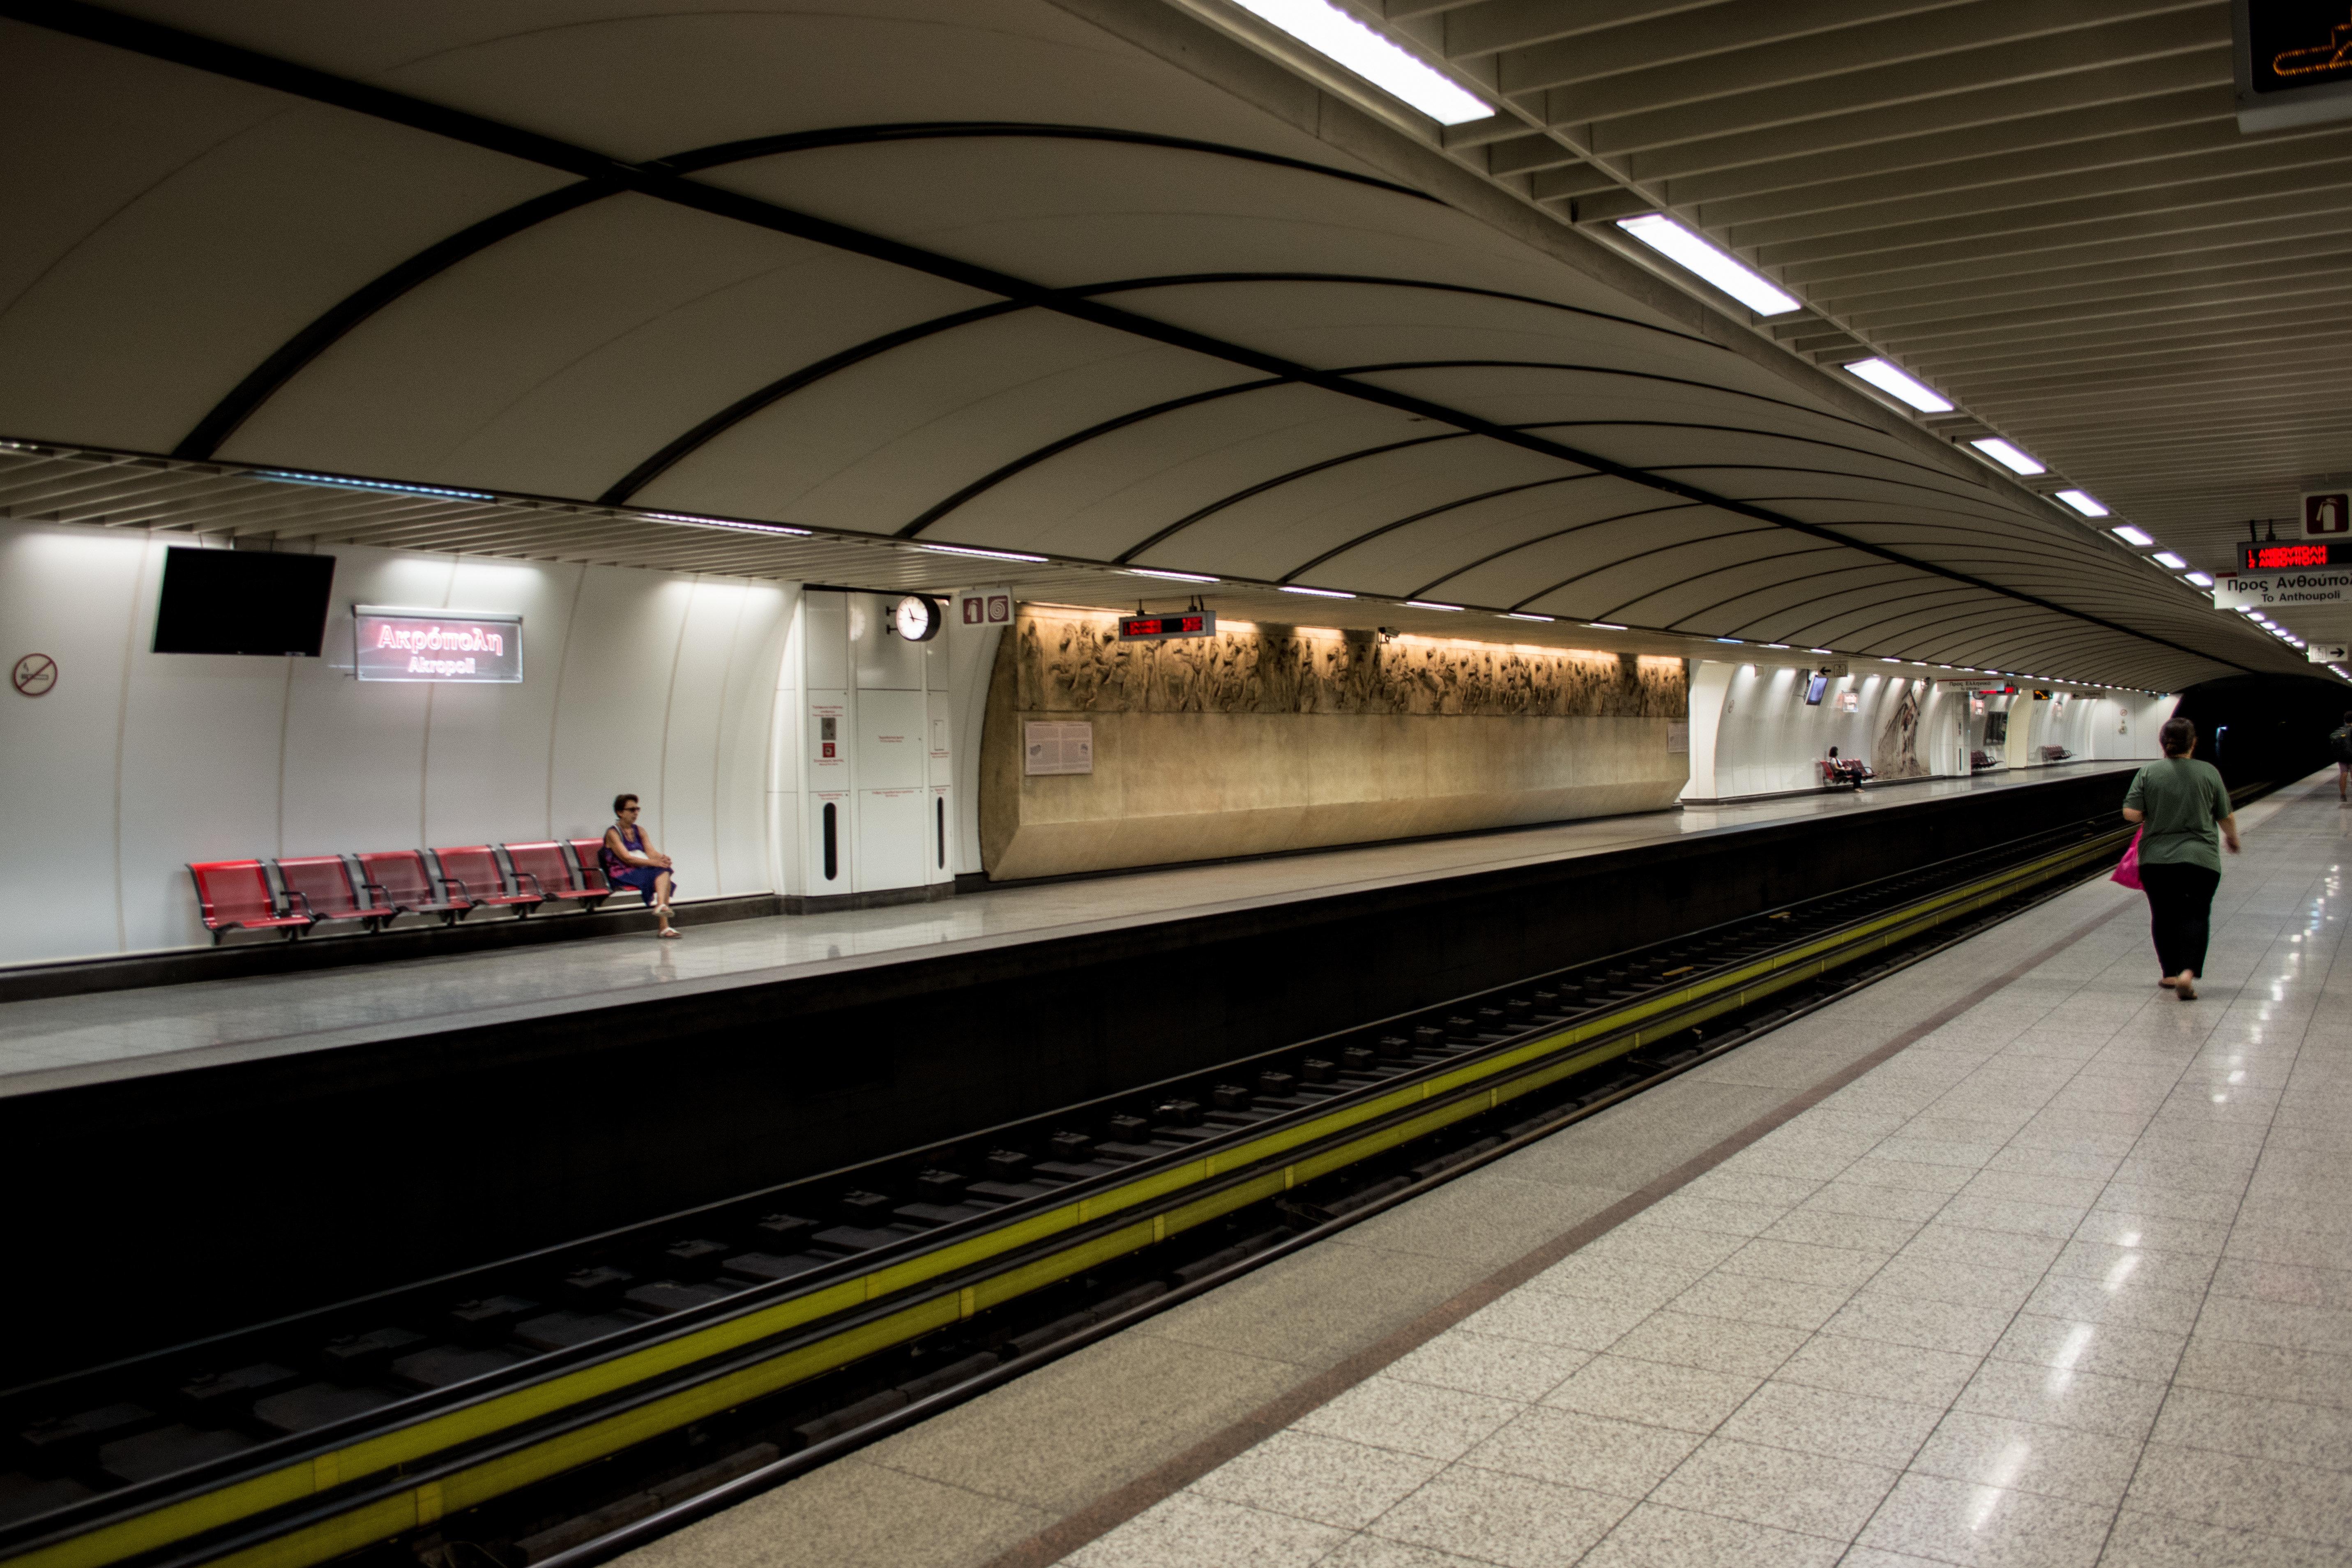 Επανέρχεται από το Σάββατο η γραμμή 3 του μετρό για το